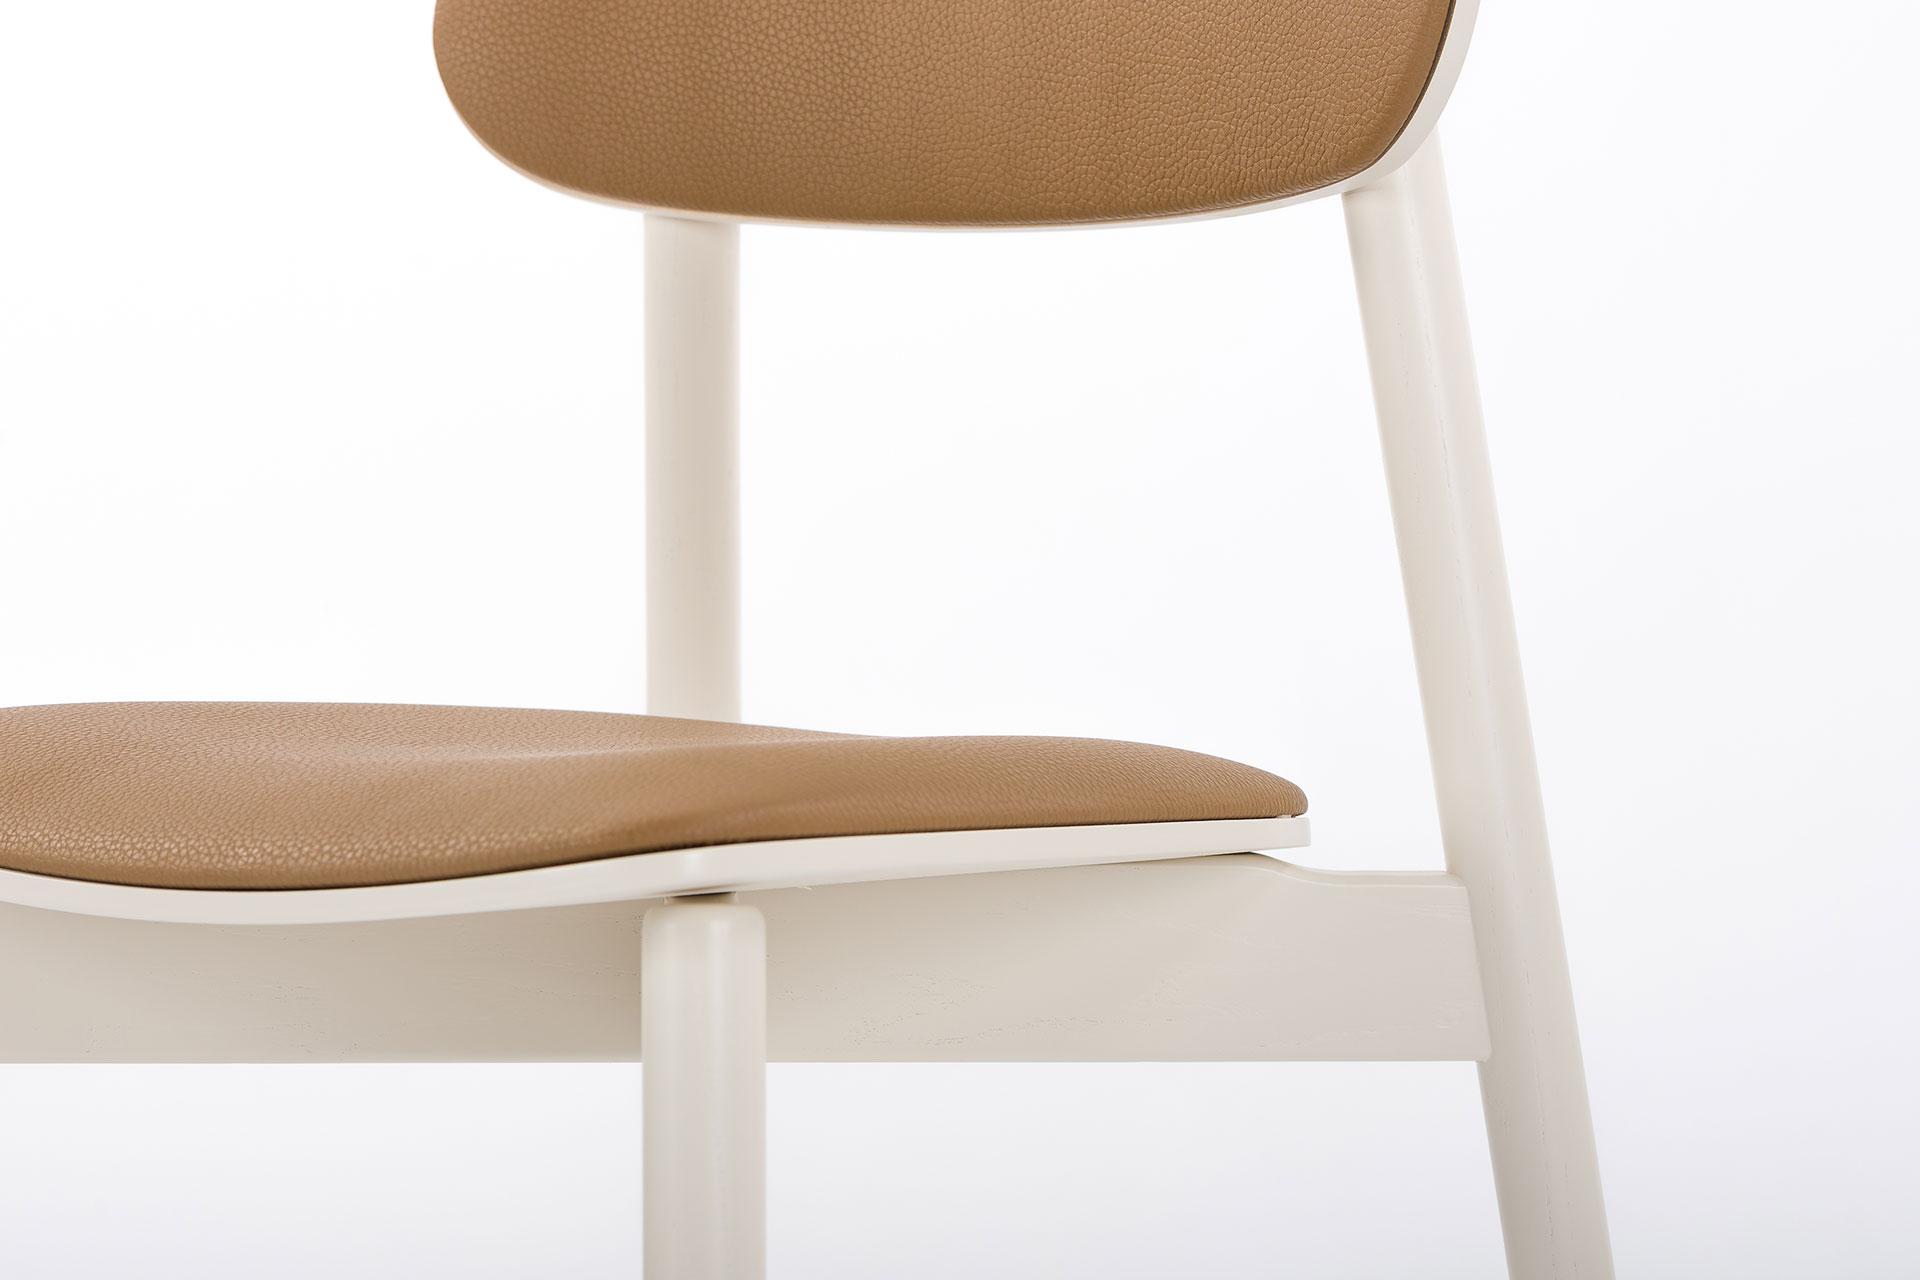 Стілець для кухні Х, дерев'яний з коричневим сидінням та спинкою і білими ніжками фото 3